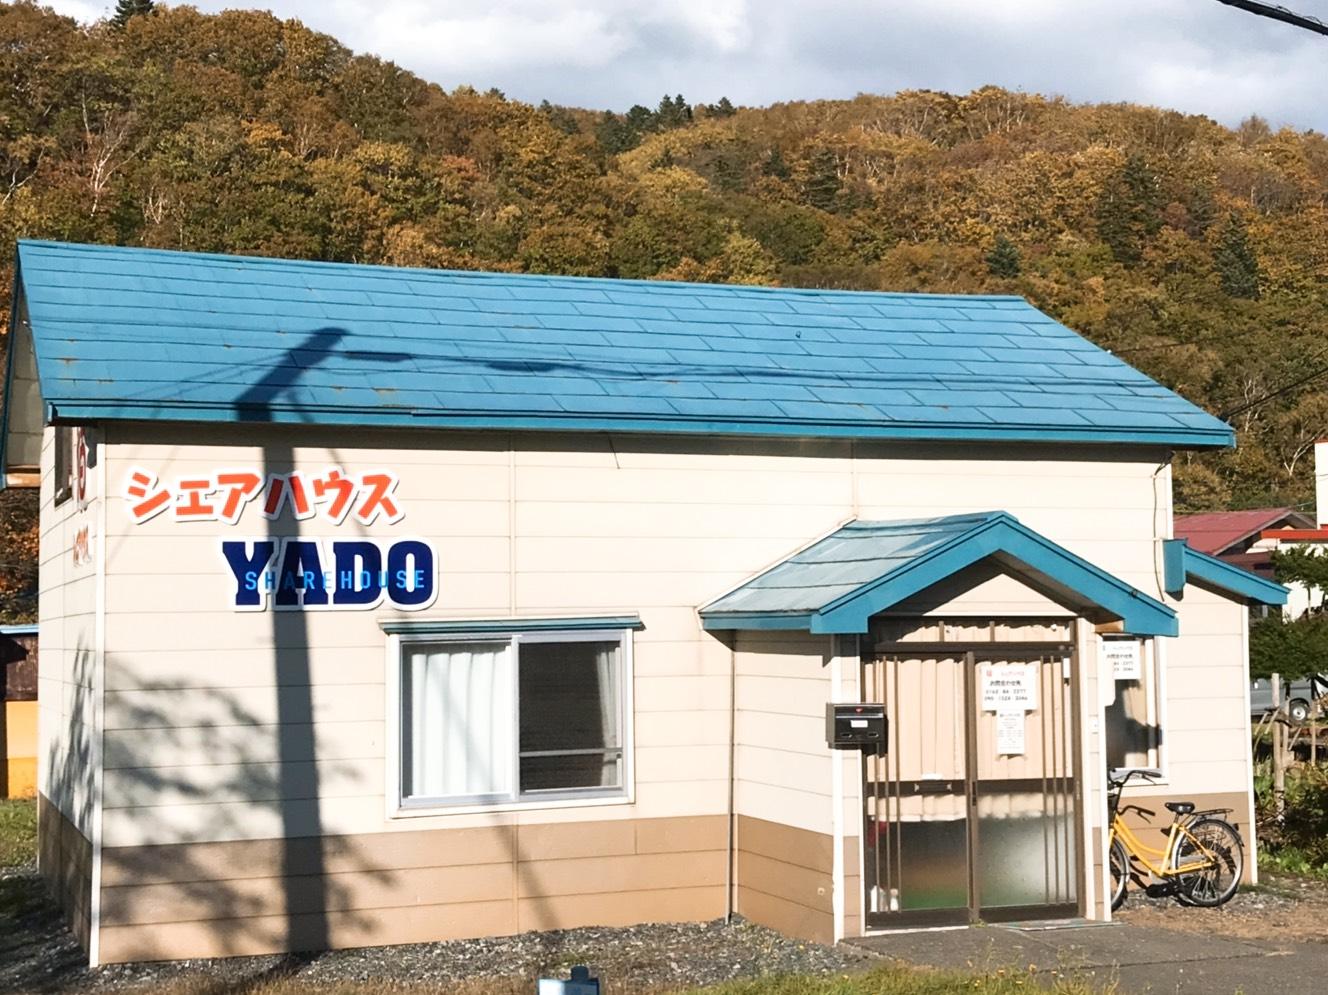 シェアハウス「宿〜YADO〜」のイメージ写真